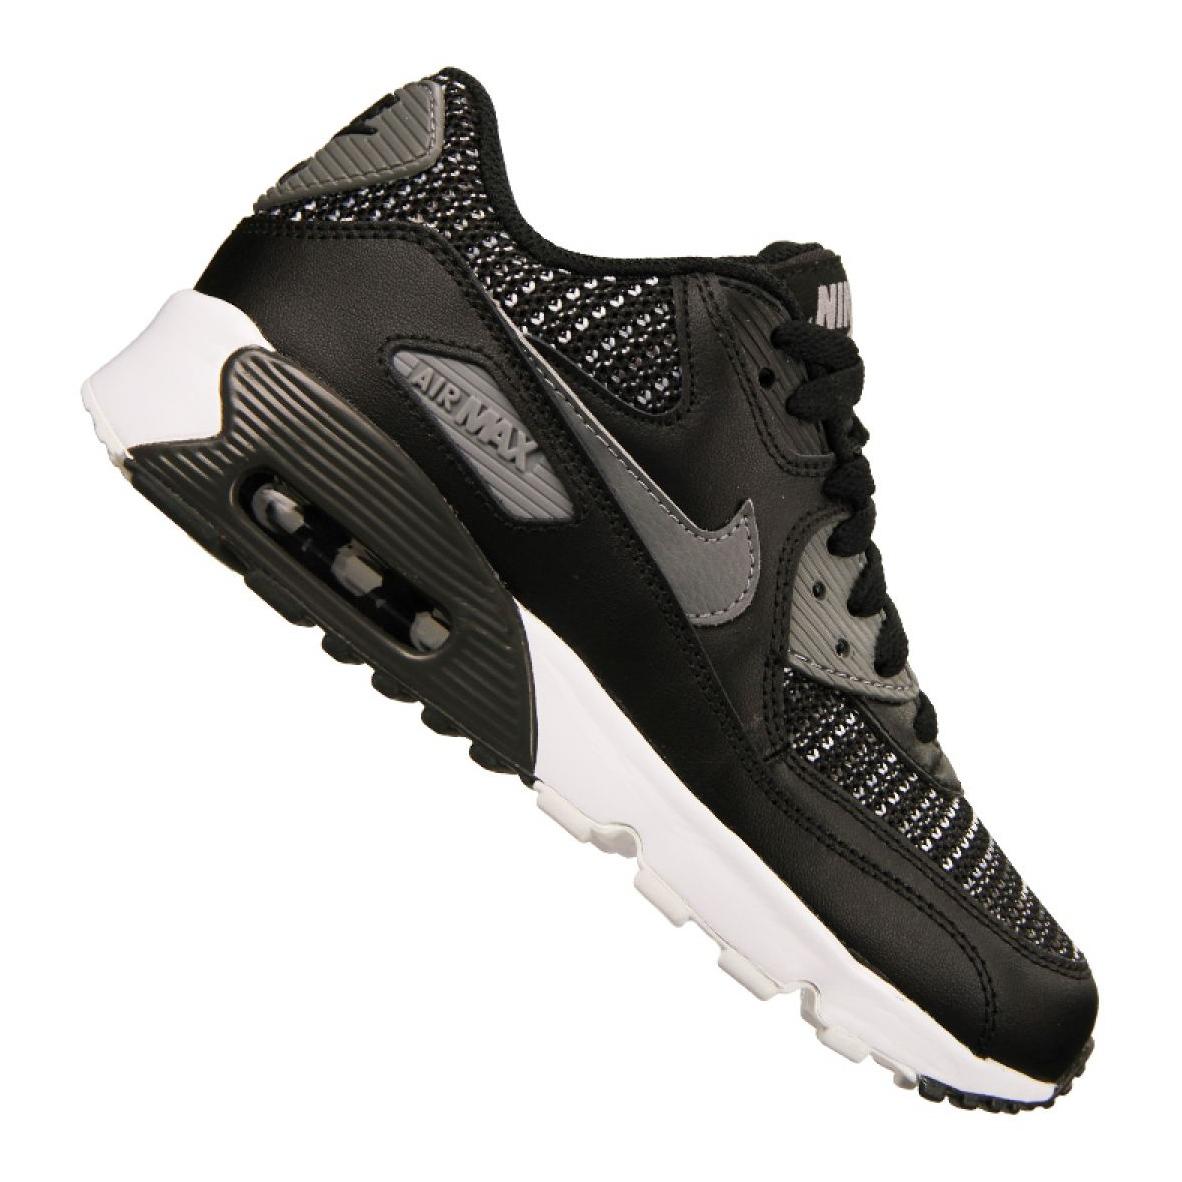 Schuhe NIKE Air Max 90 Ltr (GS) 833412 100 WhiteWhite